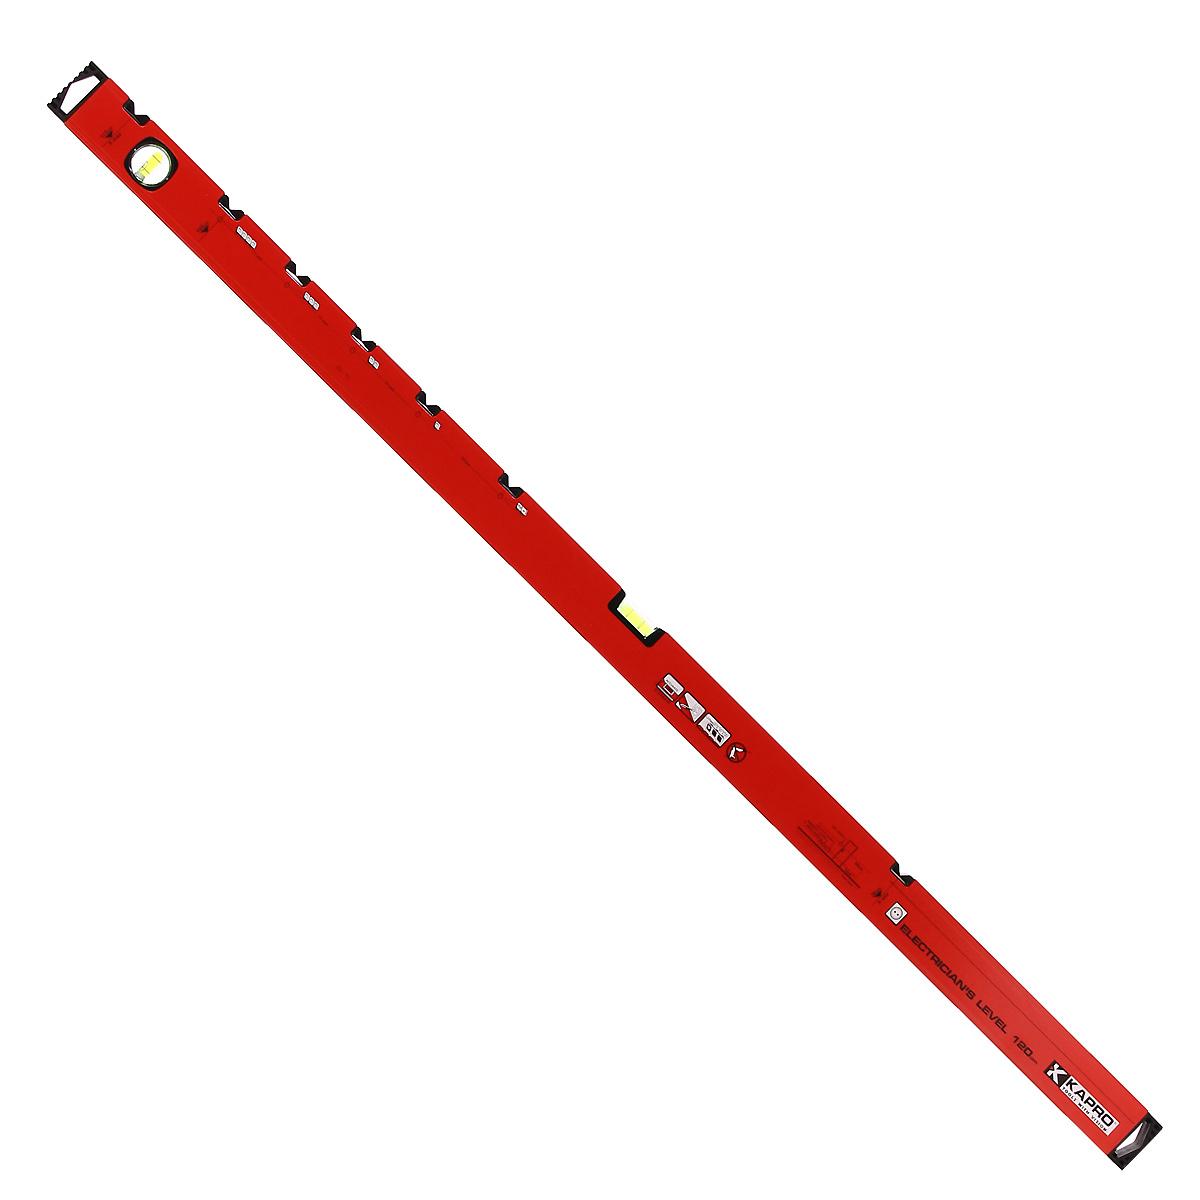 Уровень для электрика Kapro, 2 колбы, 120 см